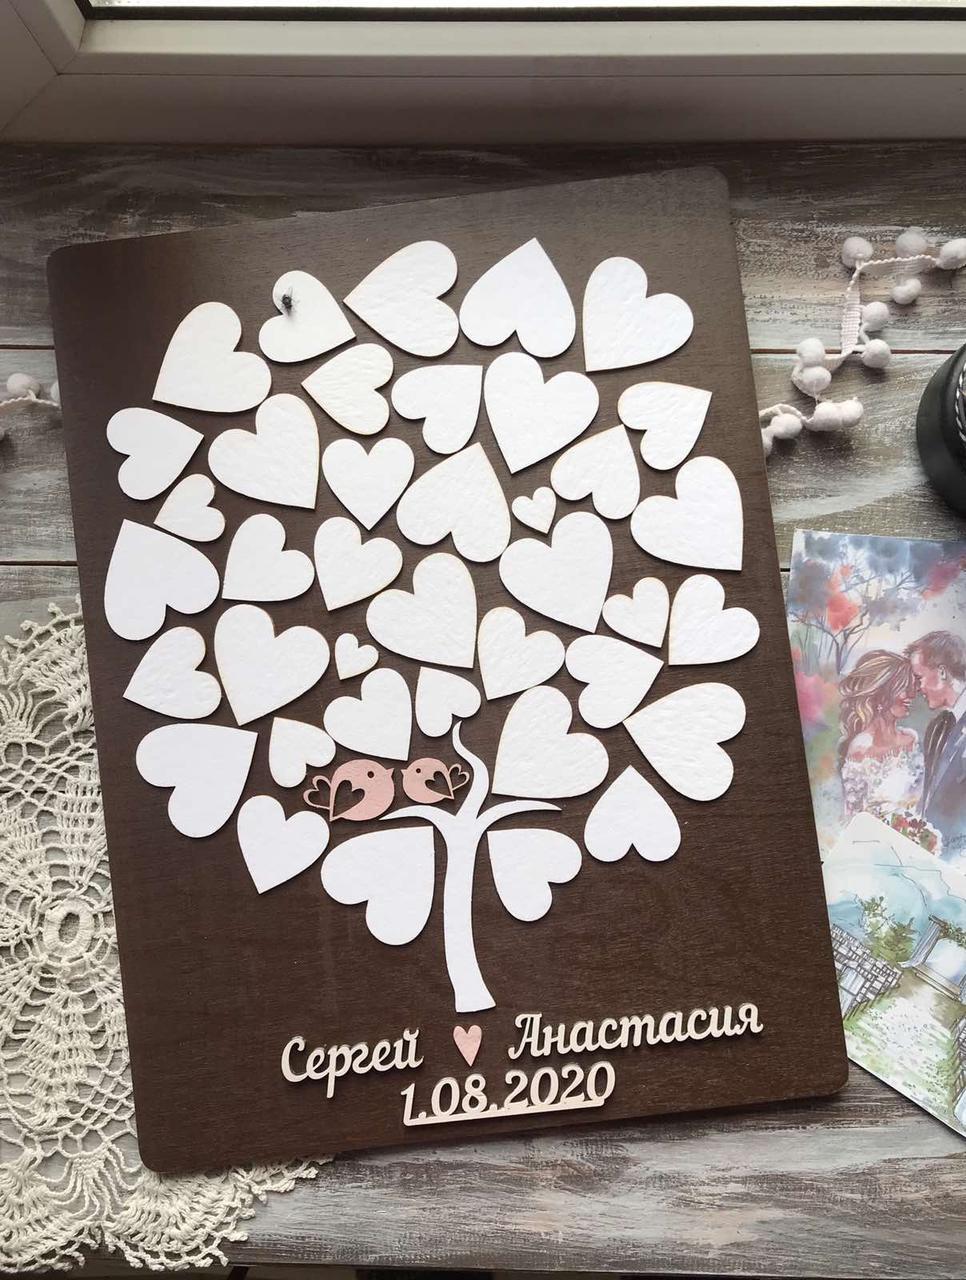 Дерево пожеланий (Размер рамки 40х50см, 40-45 сердечек)